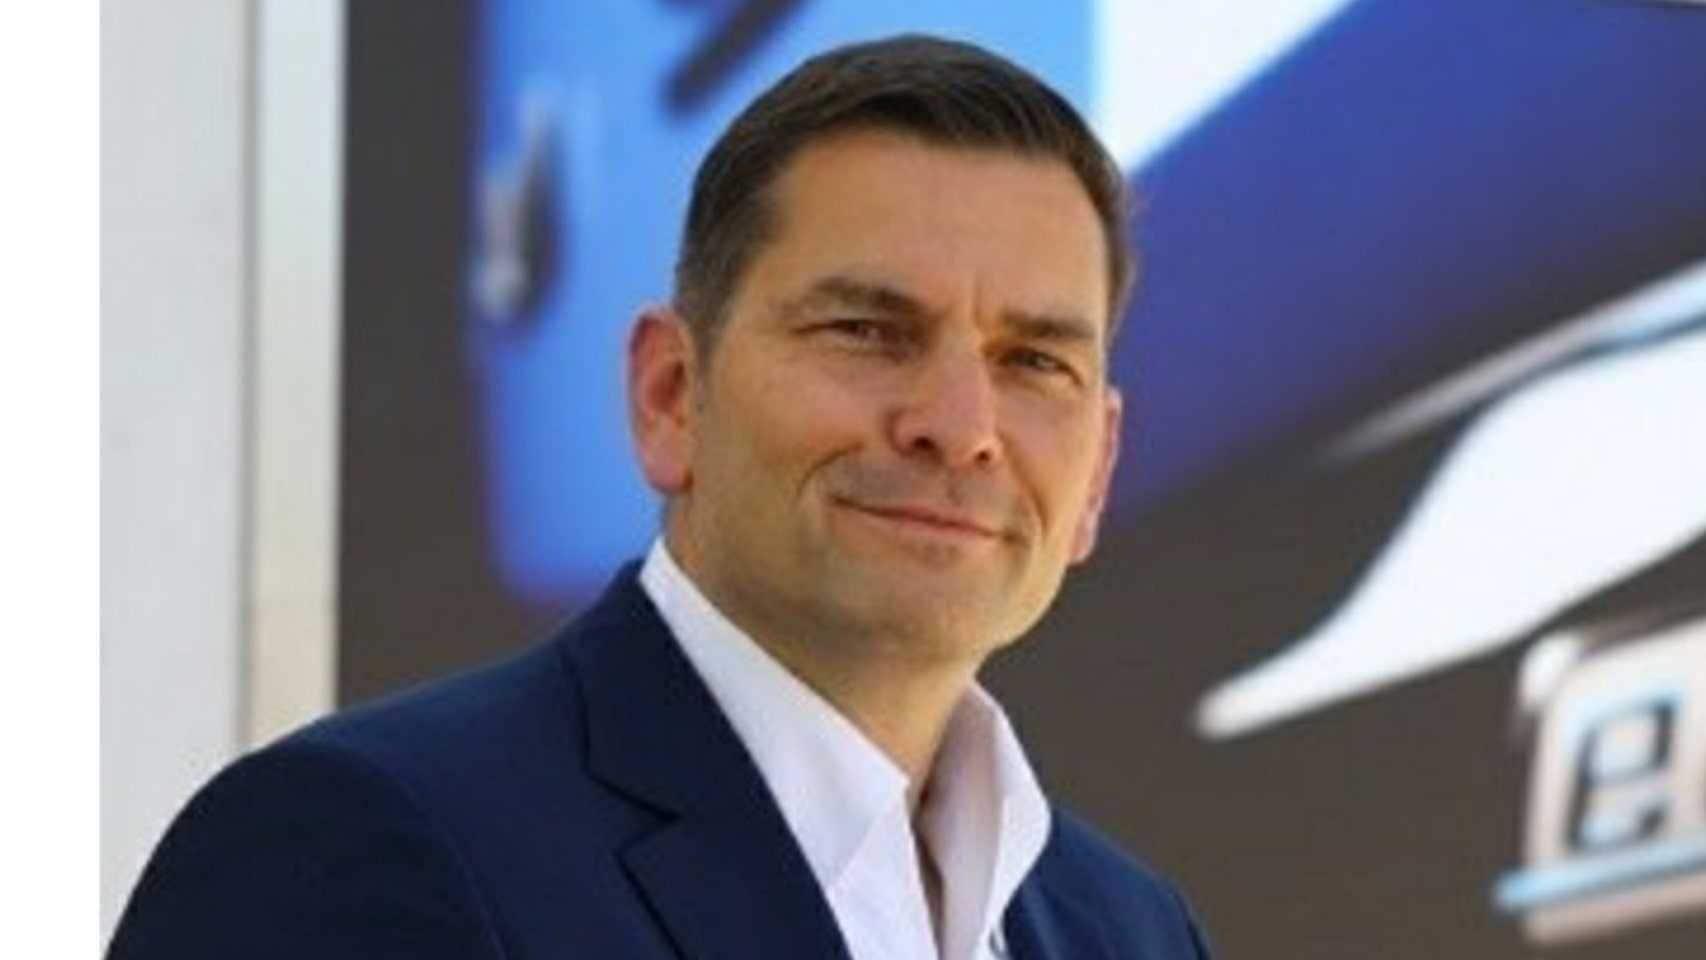 Marc Llistosella a nommé Tata Motors MD et PDG;  pour prendre le relais à partir du 1er juillet 2021